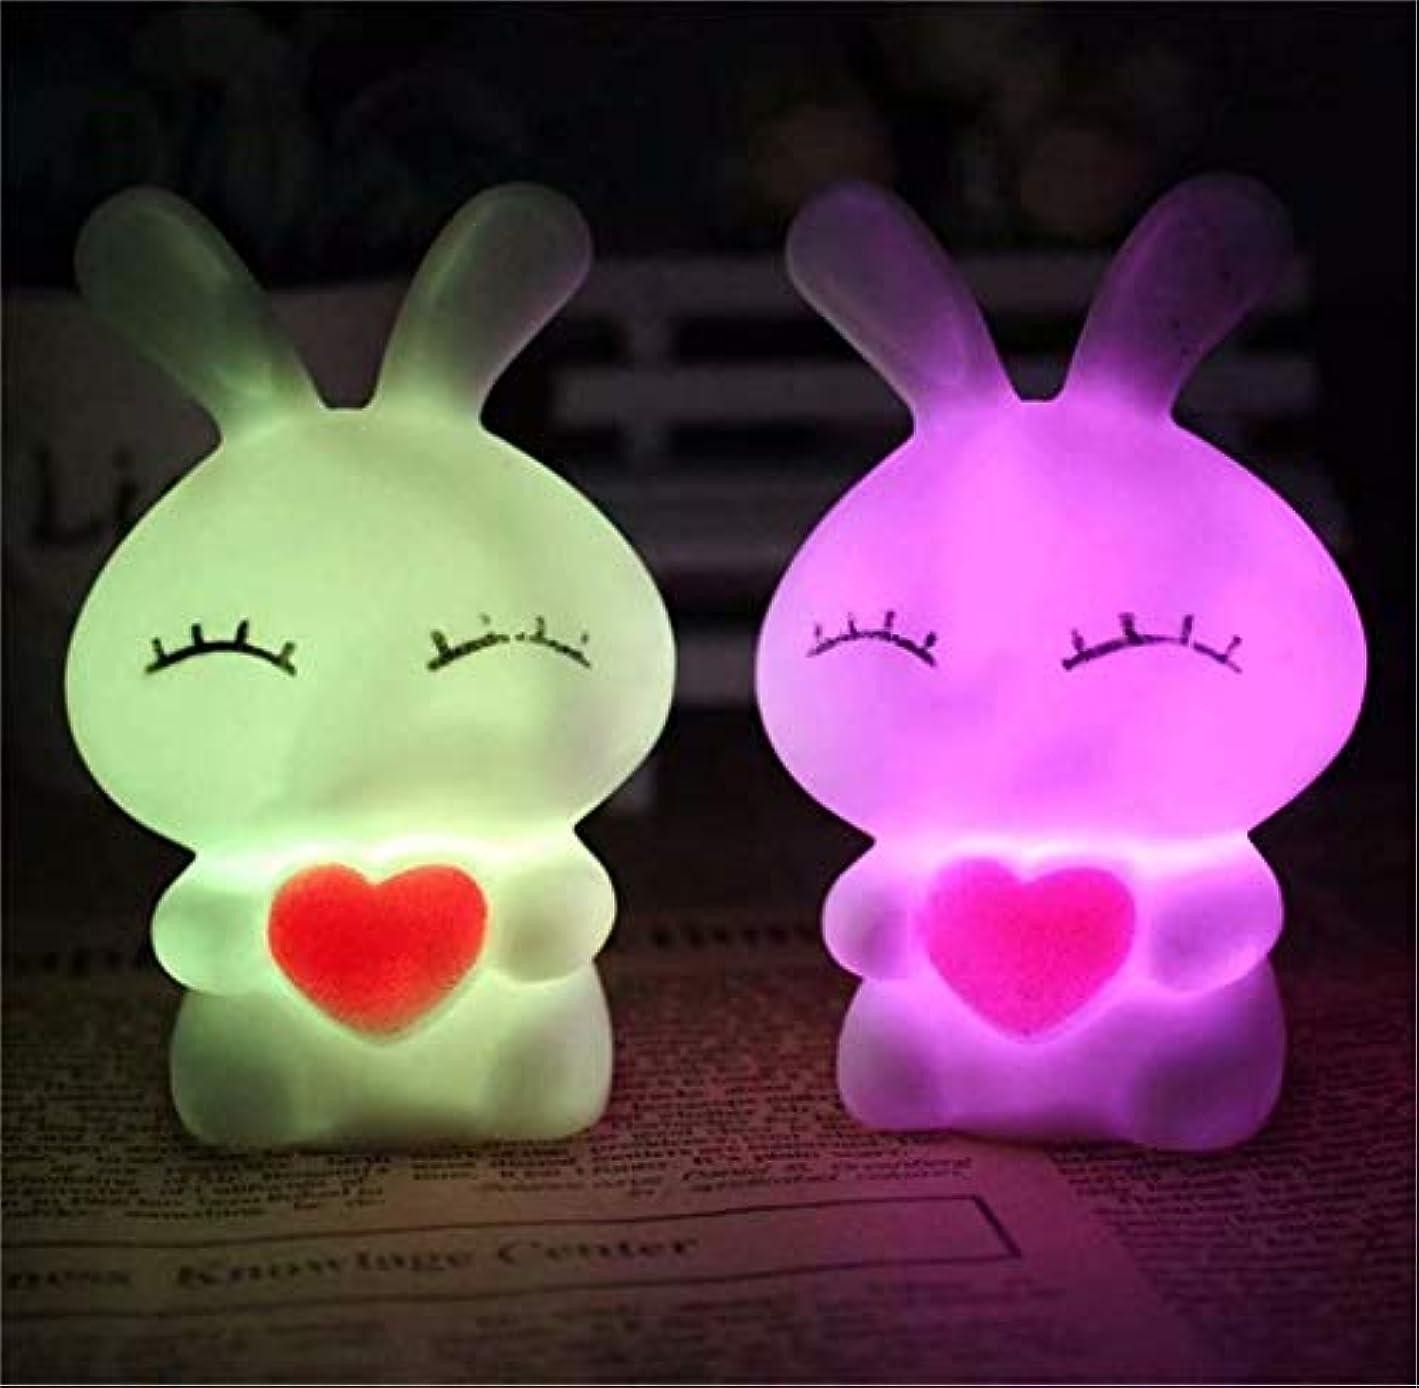 離す小包きちんとした七里の香 シリコンランプ LEDナイトライト 常夜灯 USB充電 子供用 1PC